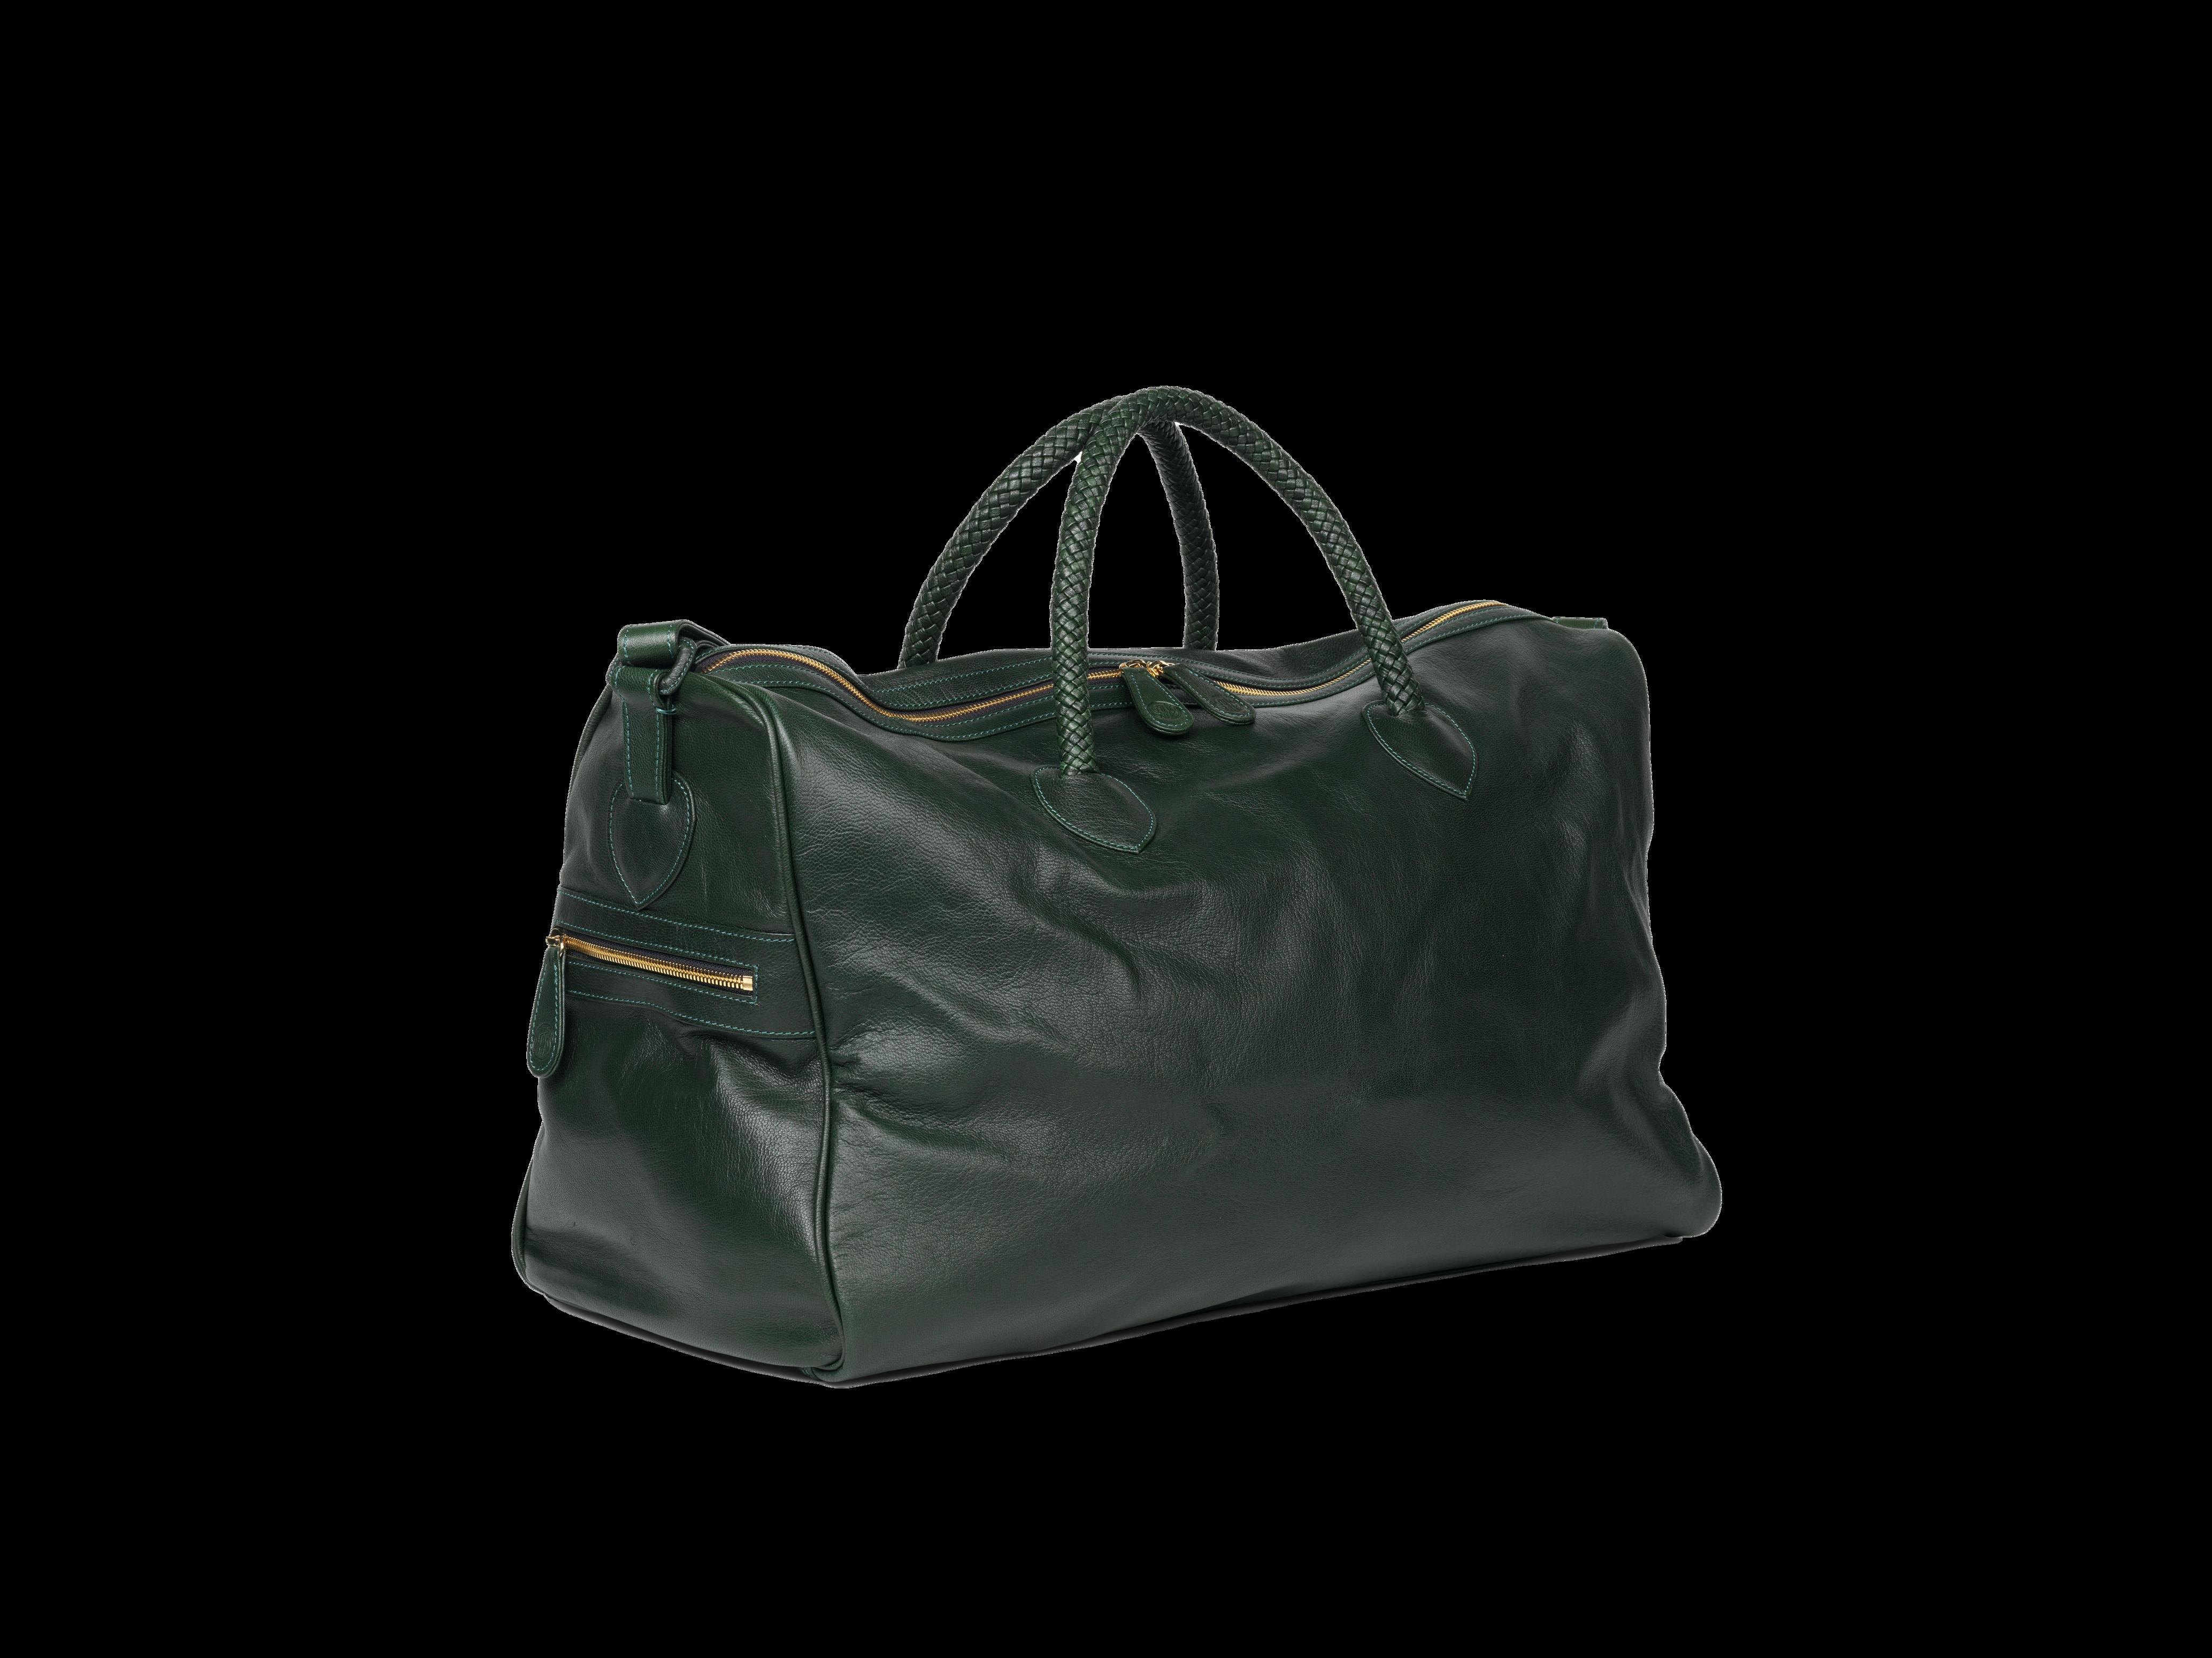 Liberté Travel bag